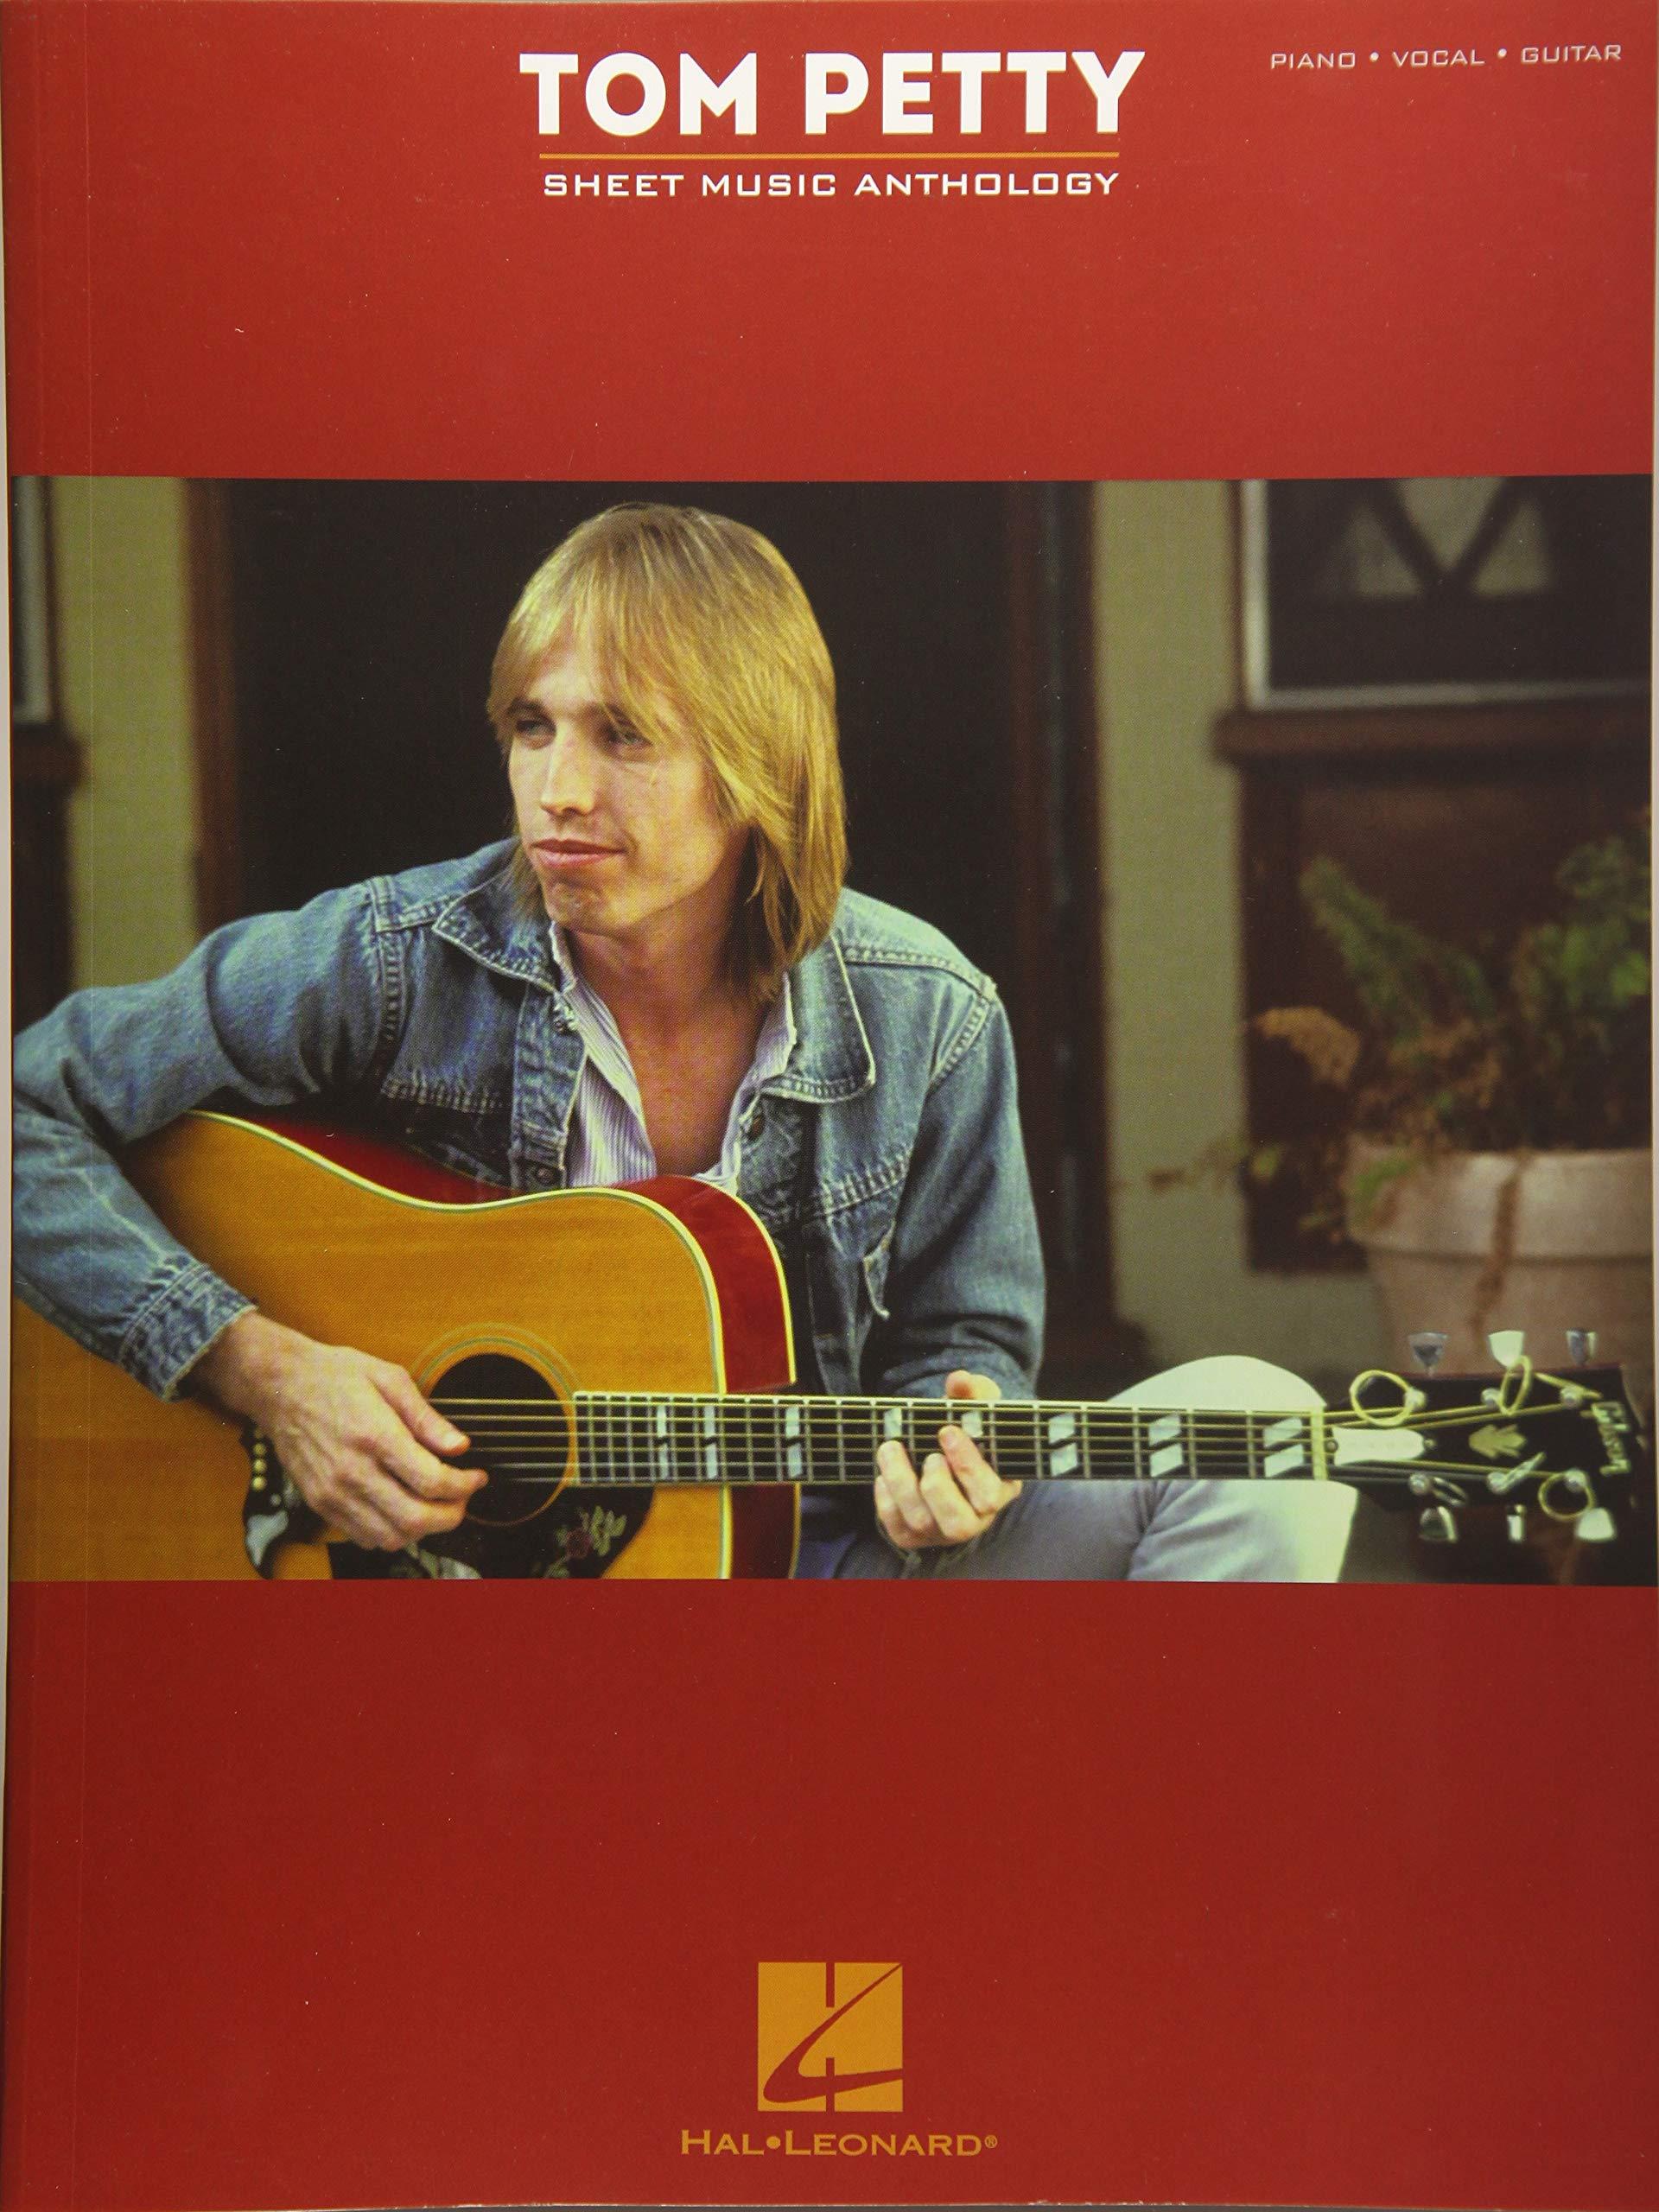 Tom Petty Sheet Music Anthology: Tom Petty: 9781495095764